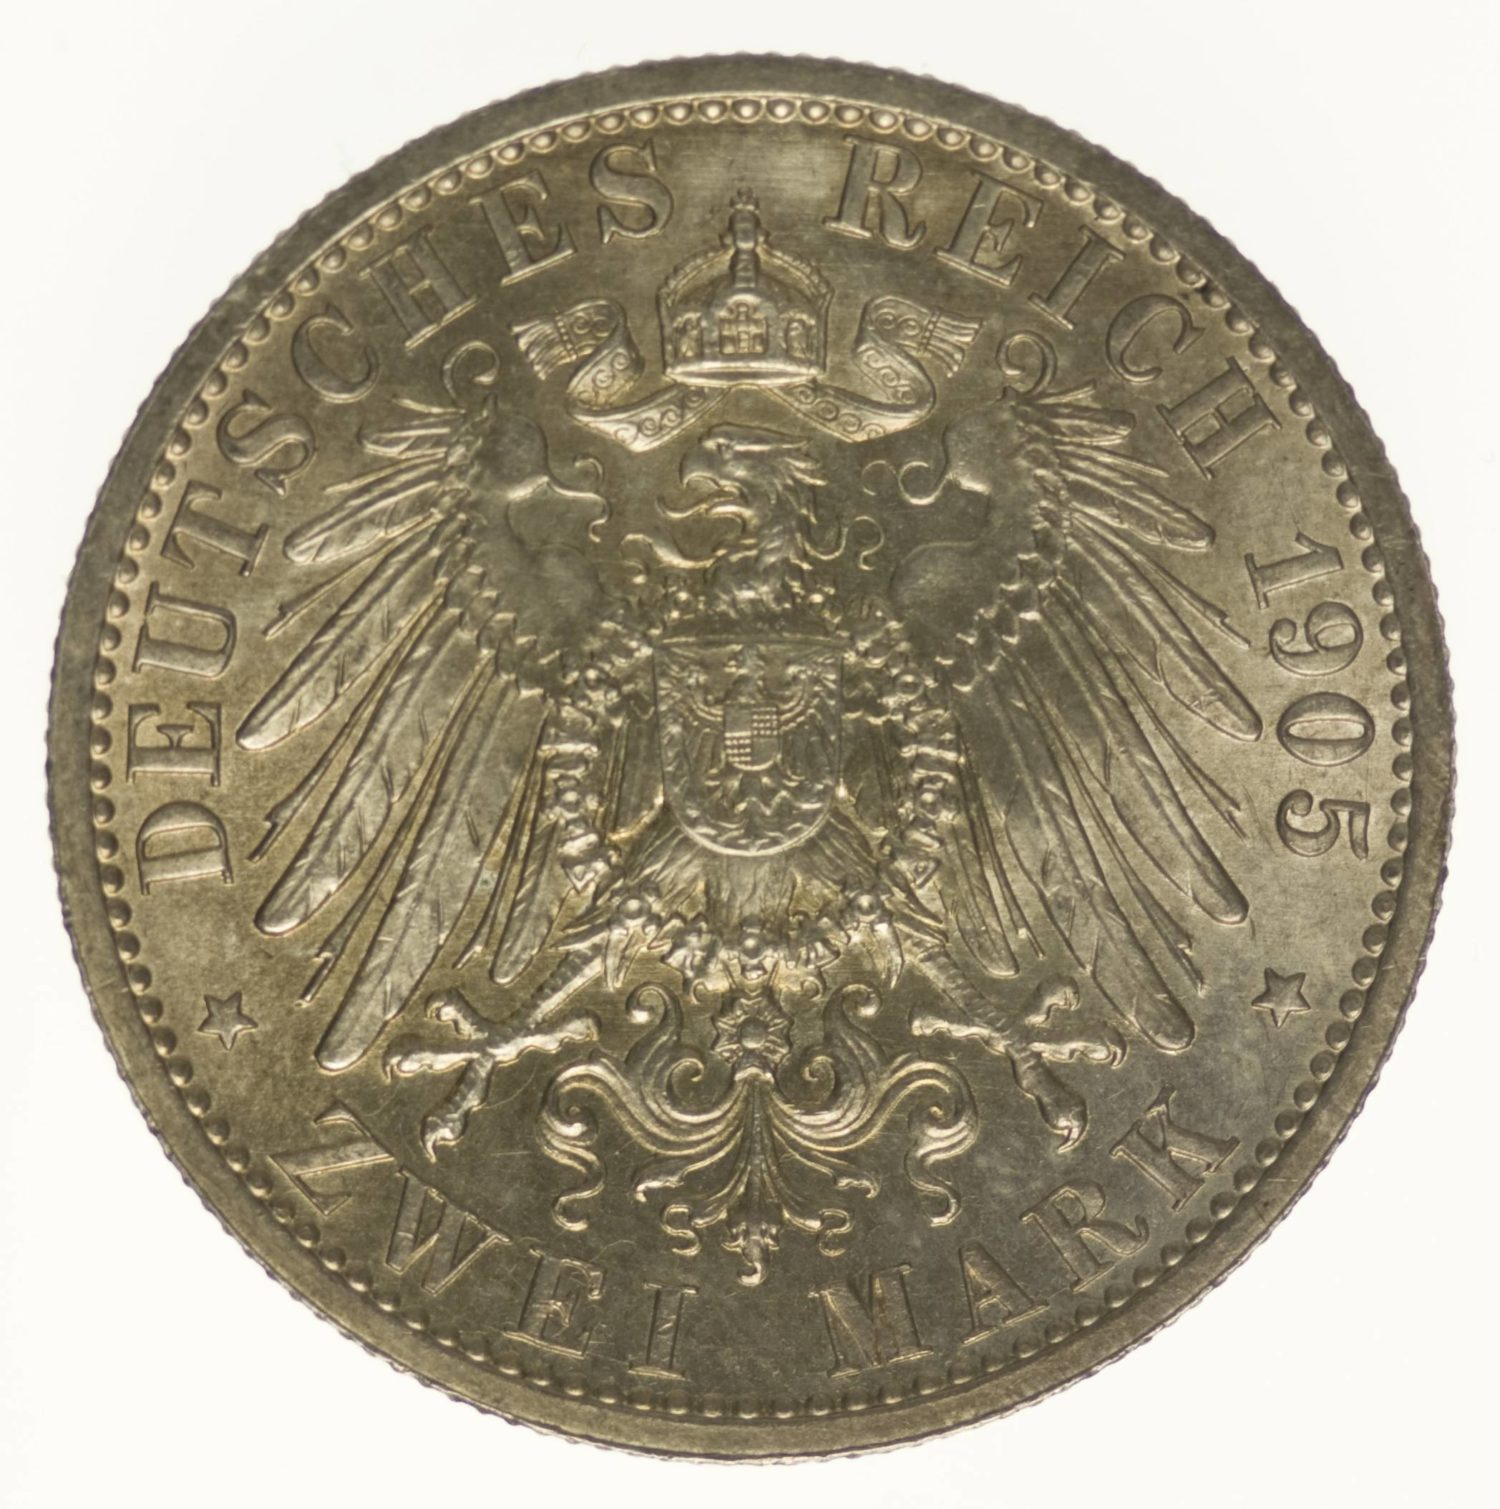 Schwarzburg Sondershausen Karl Günther 2 Mark 1905 Silber 10 Gramm fein RAR